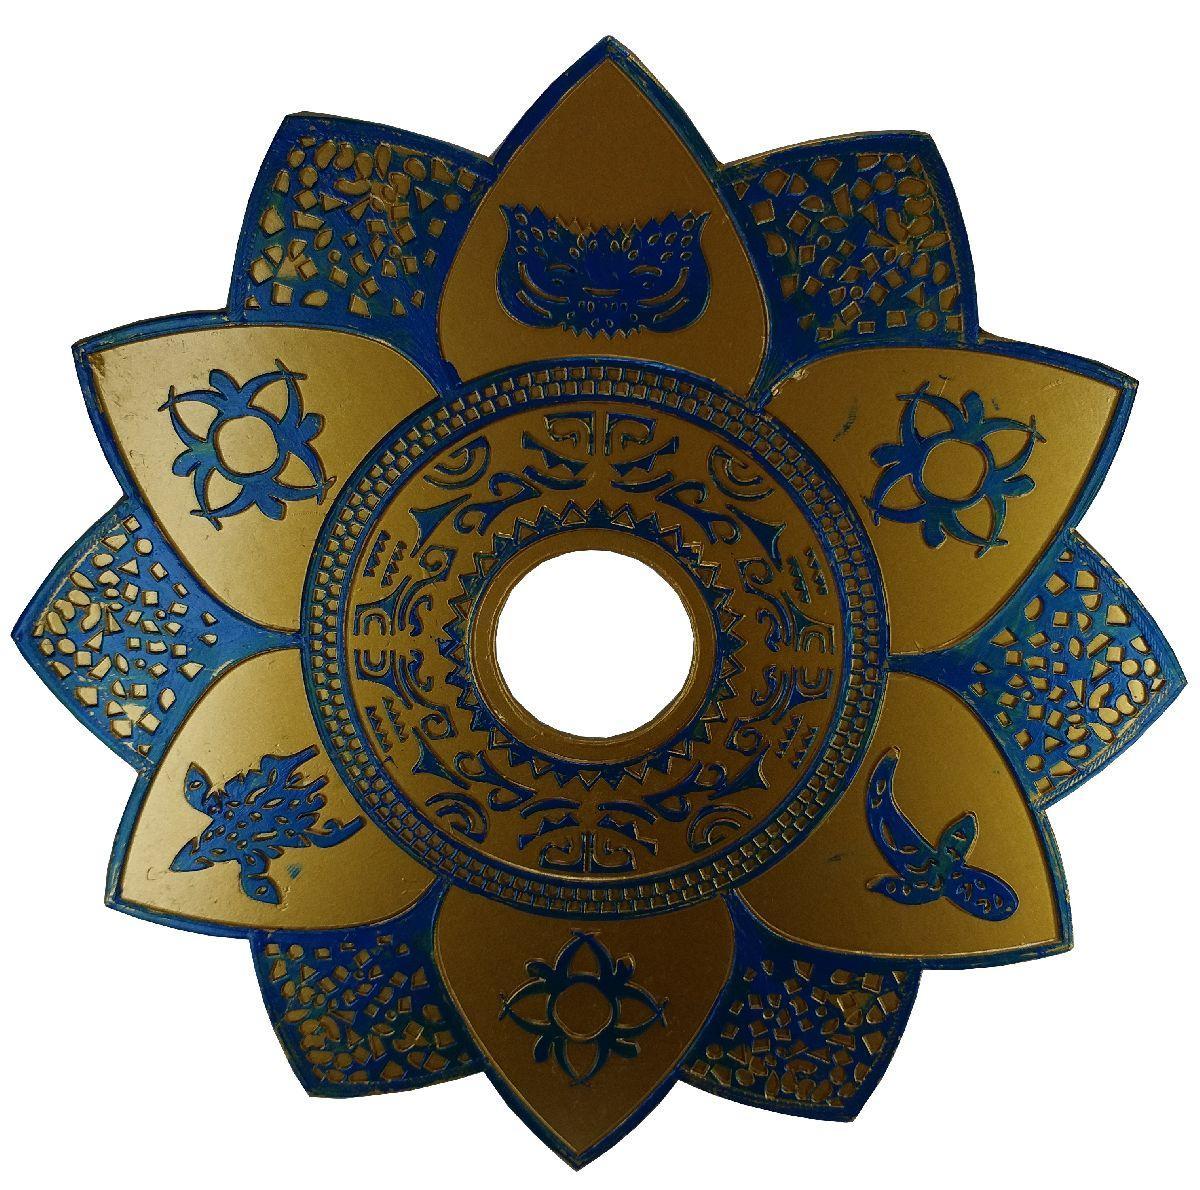 Prato Fumee 6103 Dourado c/ Azul